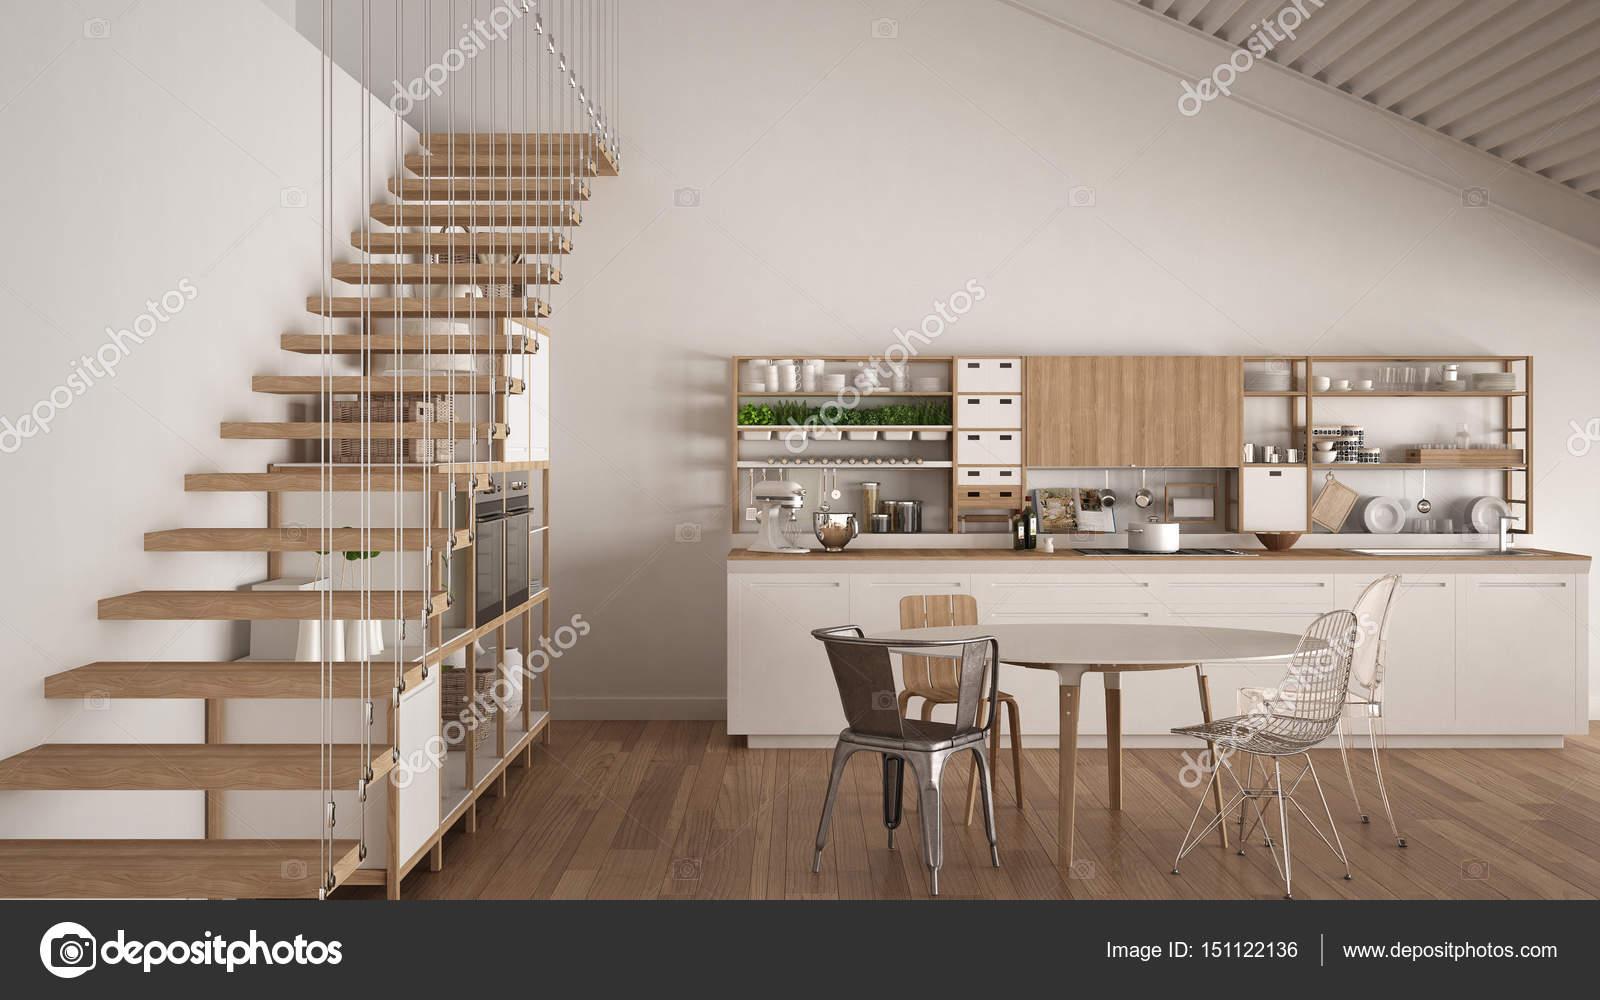 Cucina in legno bianca minimalista, soppalco con scale, scand ...